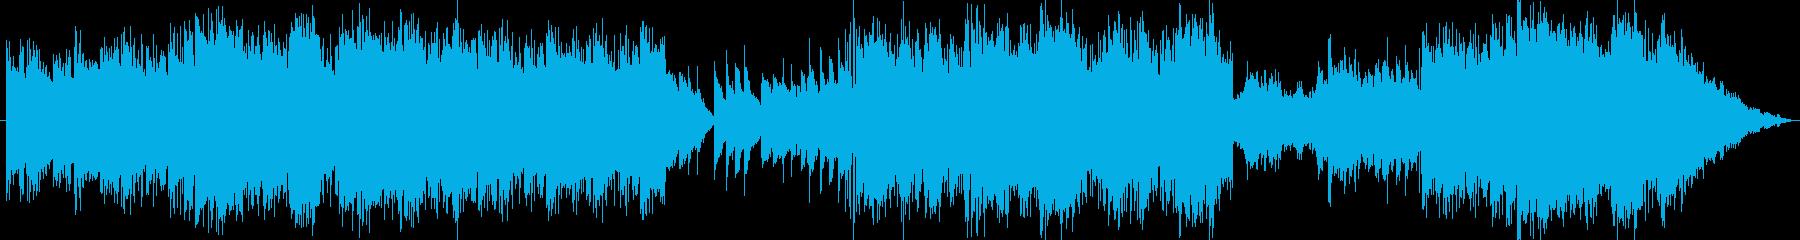 サックスソロを使用したメロウで脈動...の再生済みの波形